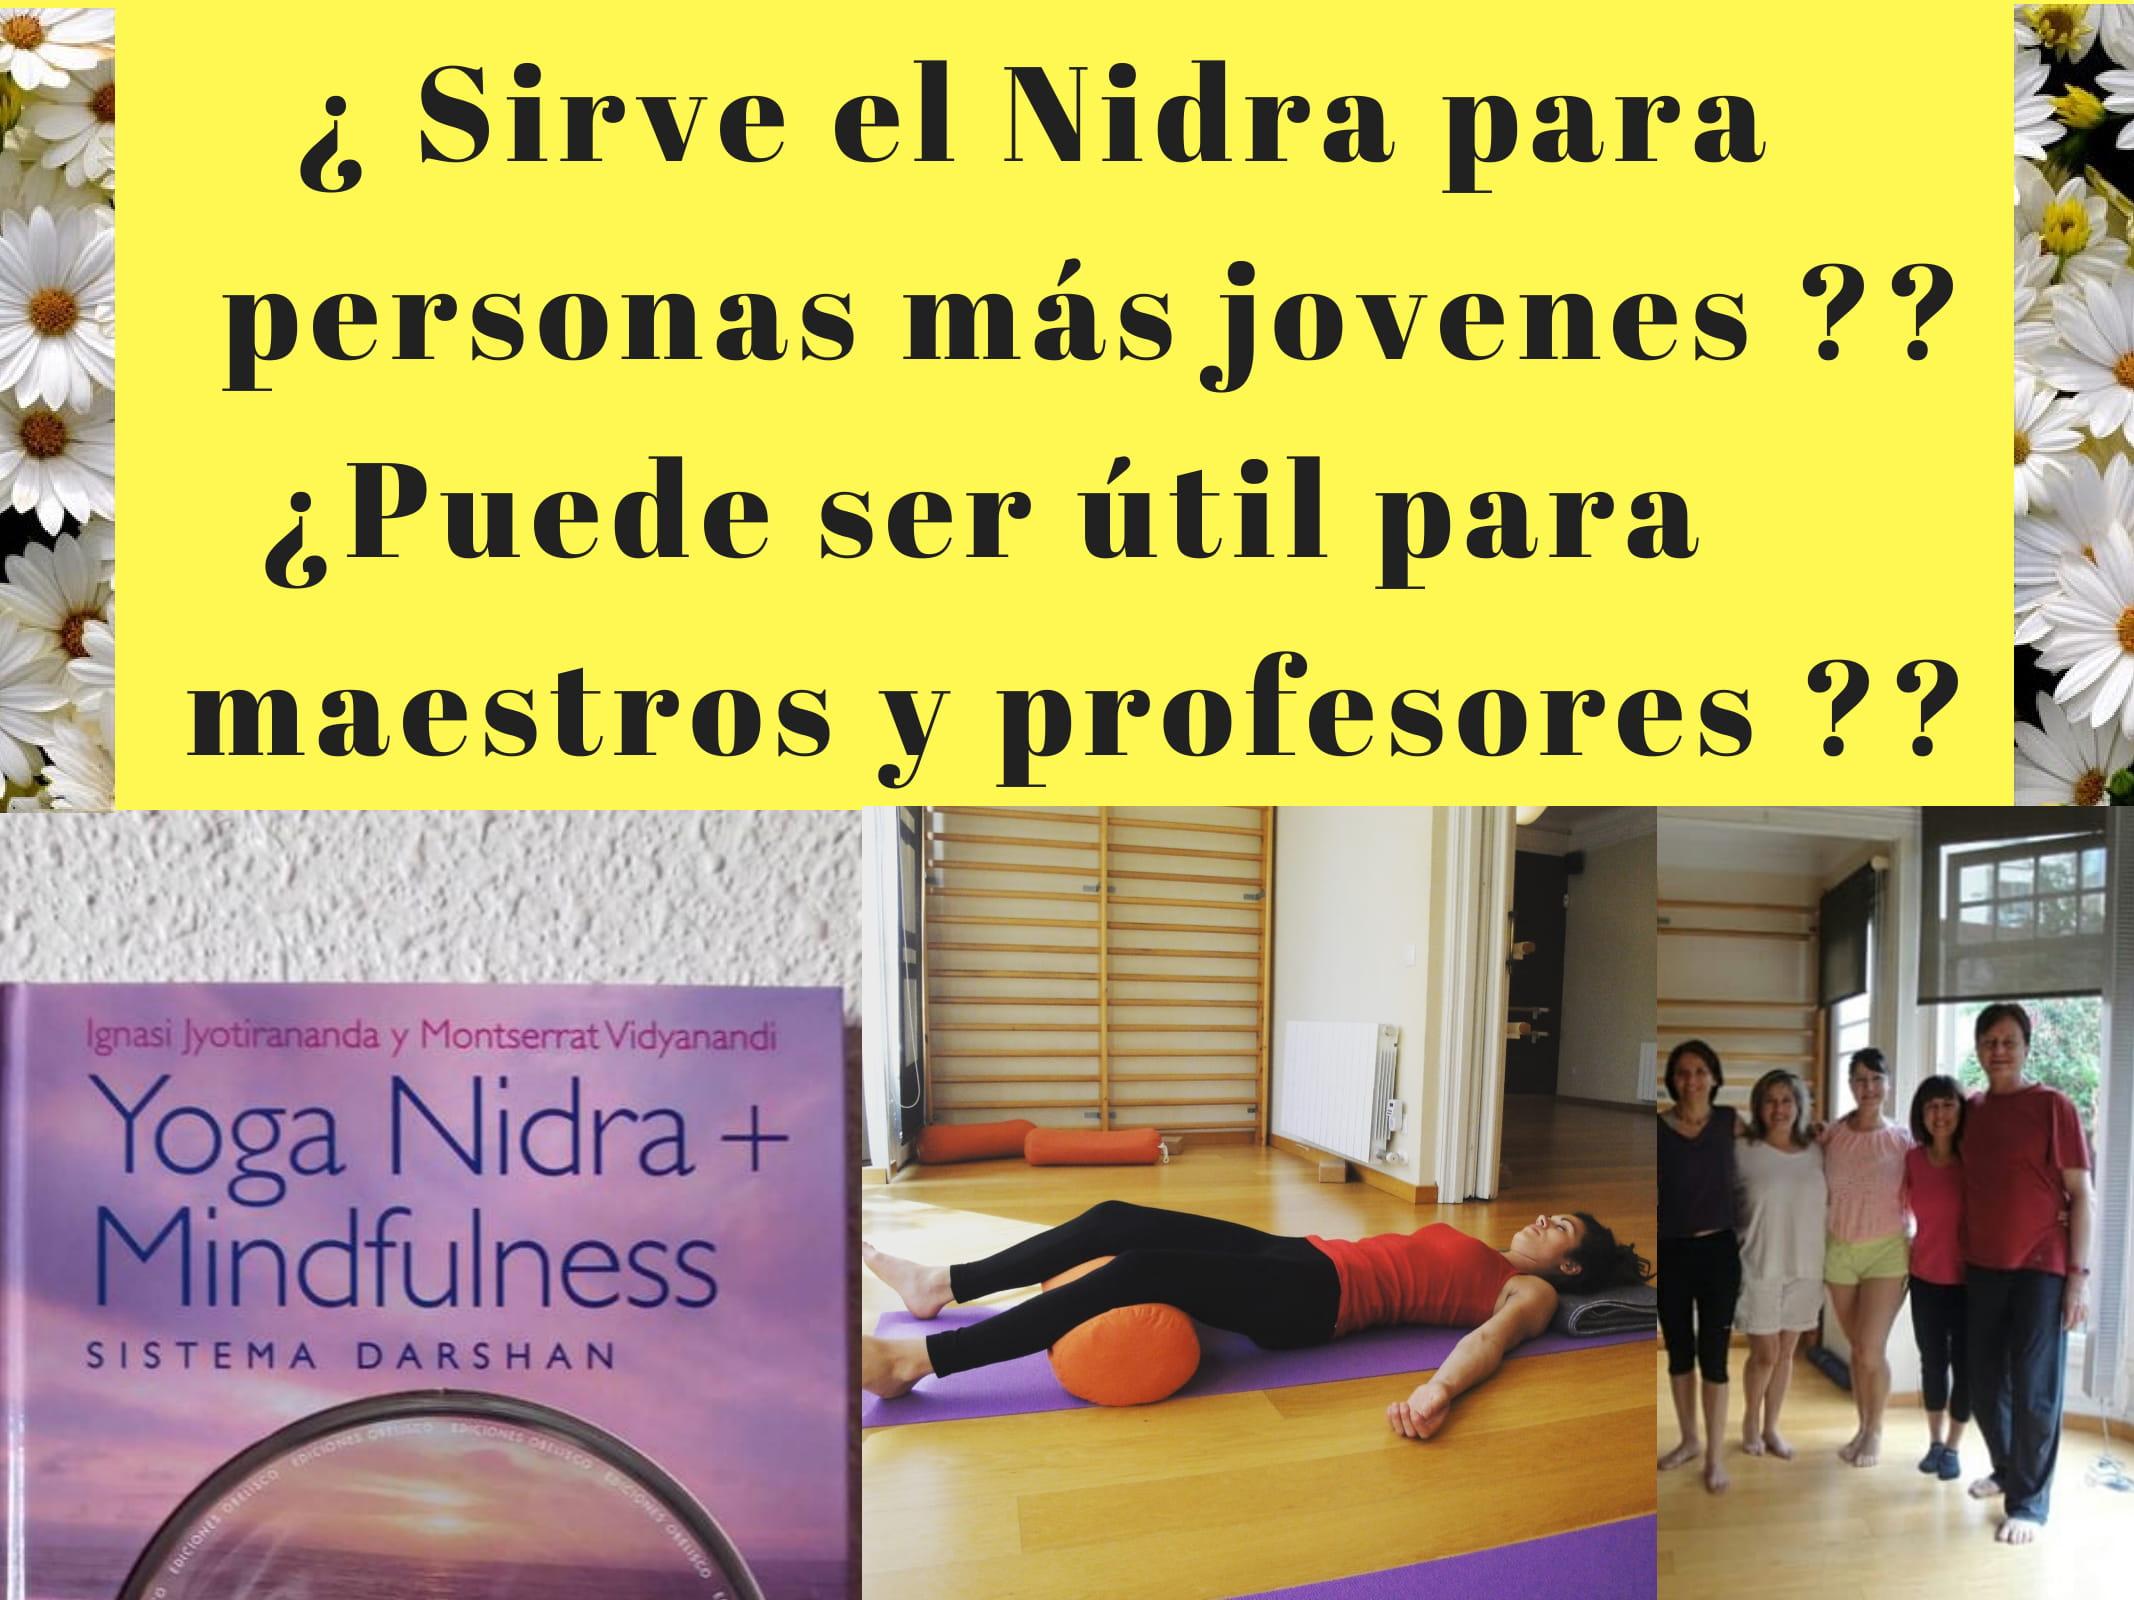 Yoga Nidra Mindfulness para Maestros y Profesores de Escuelas e Institutos